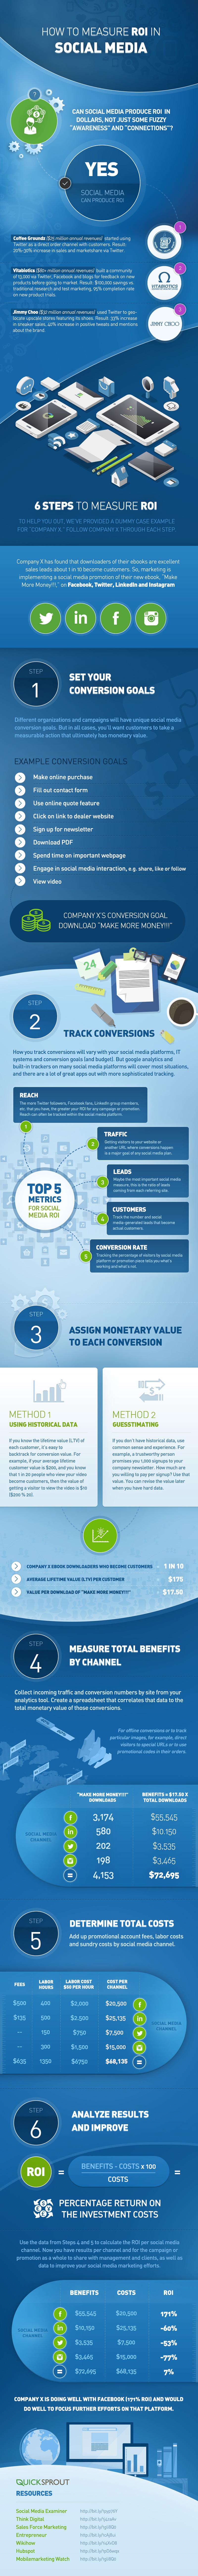 6 Pasos para medir el retorno de inversión de Social Media